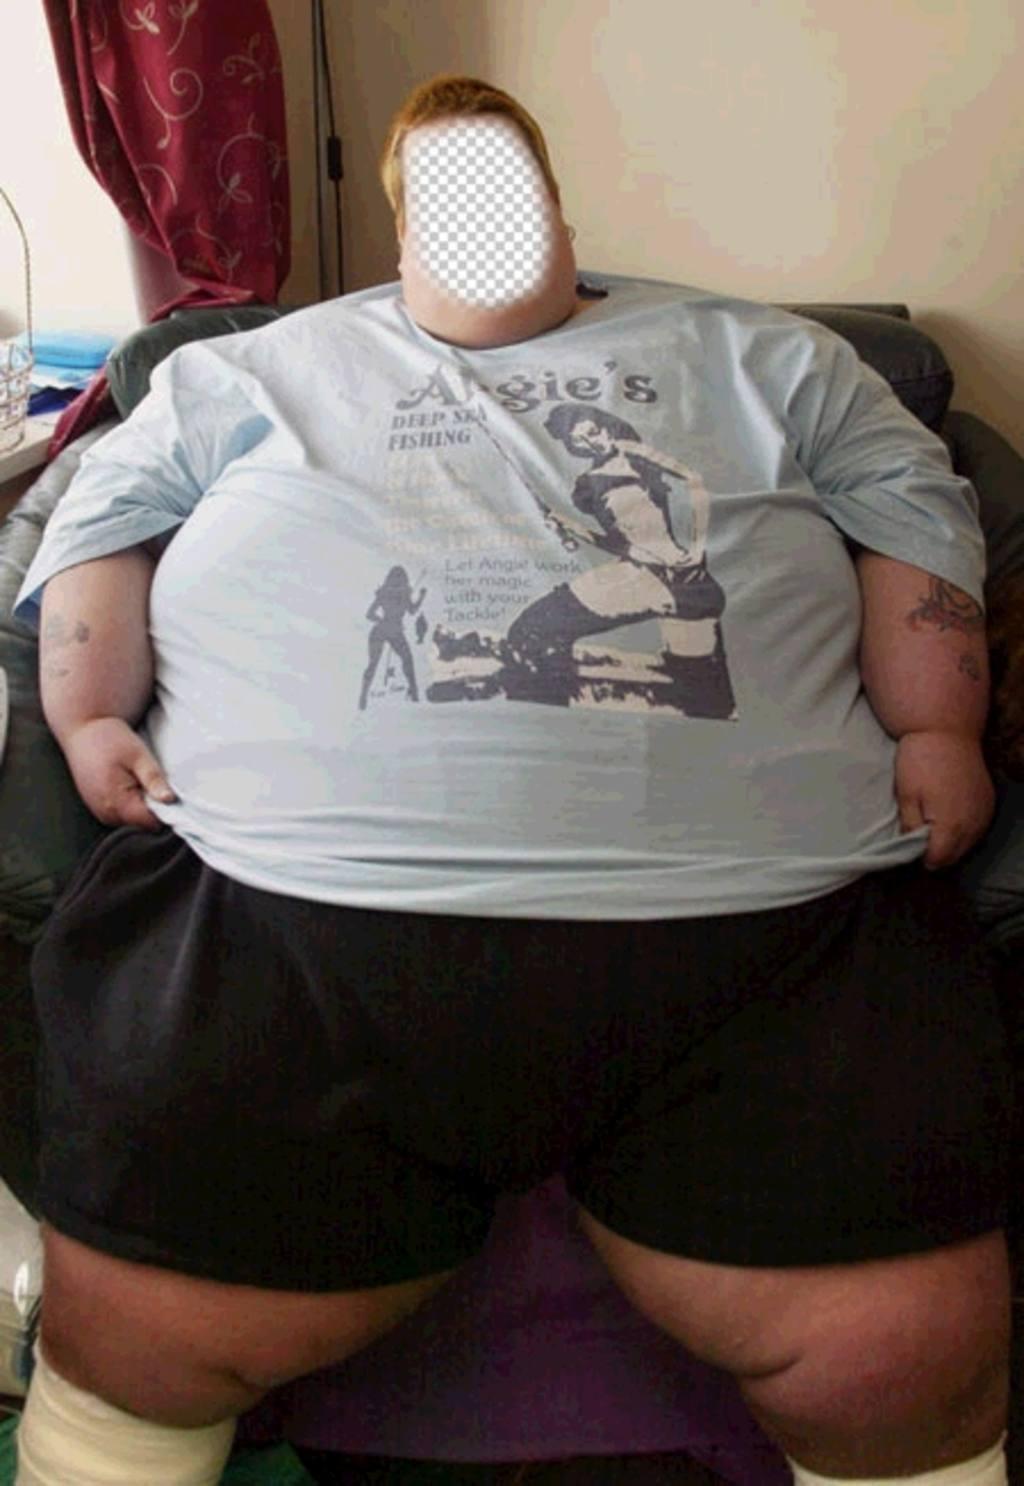 Montage ajouter la photo de votre choix dans le visage de cet homme gras